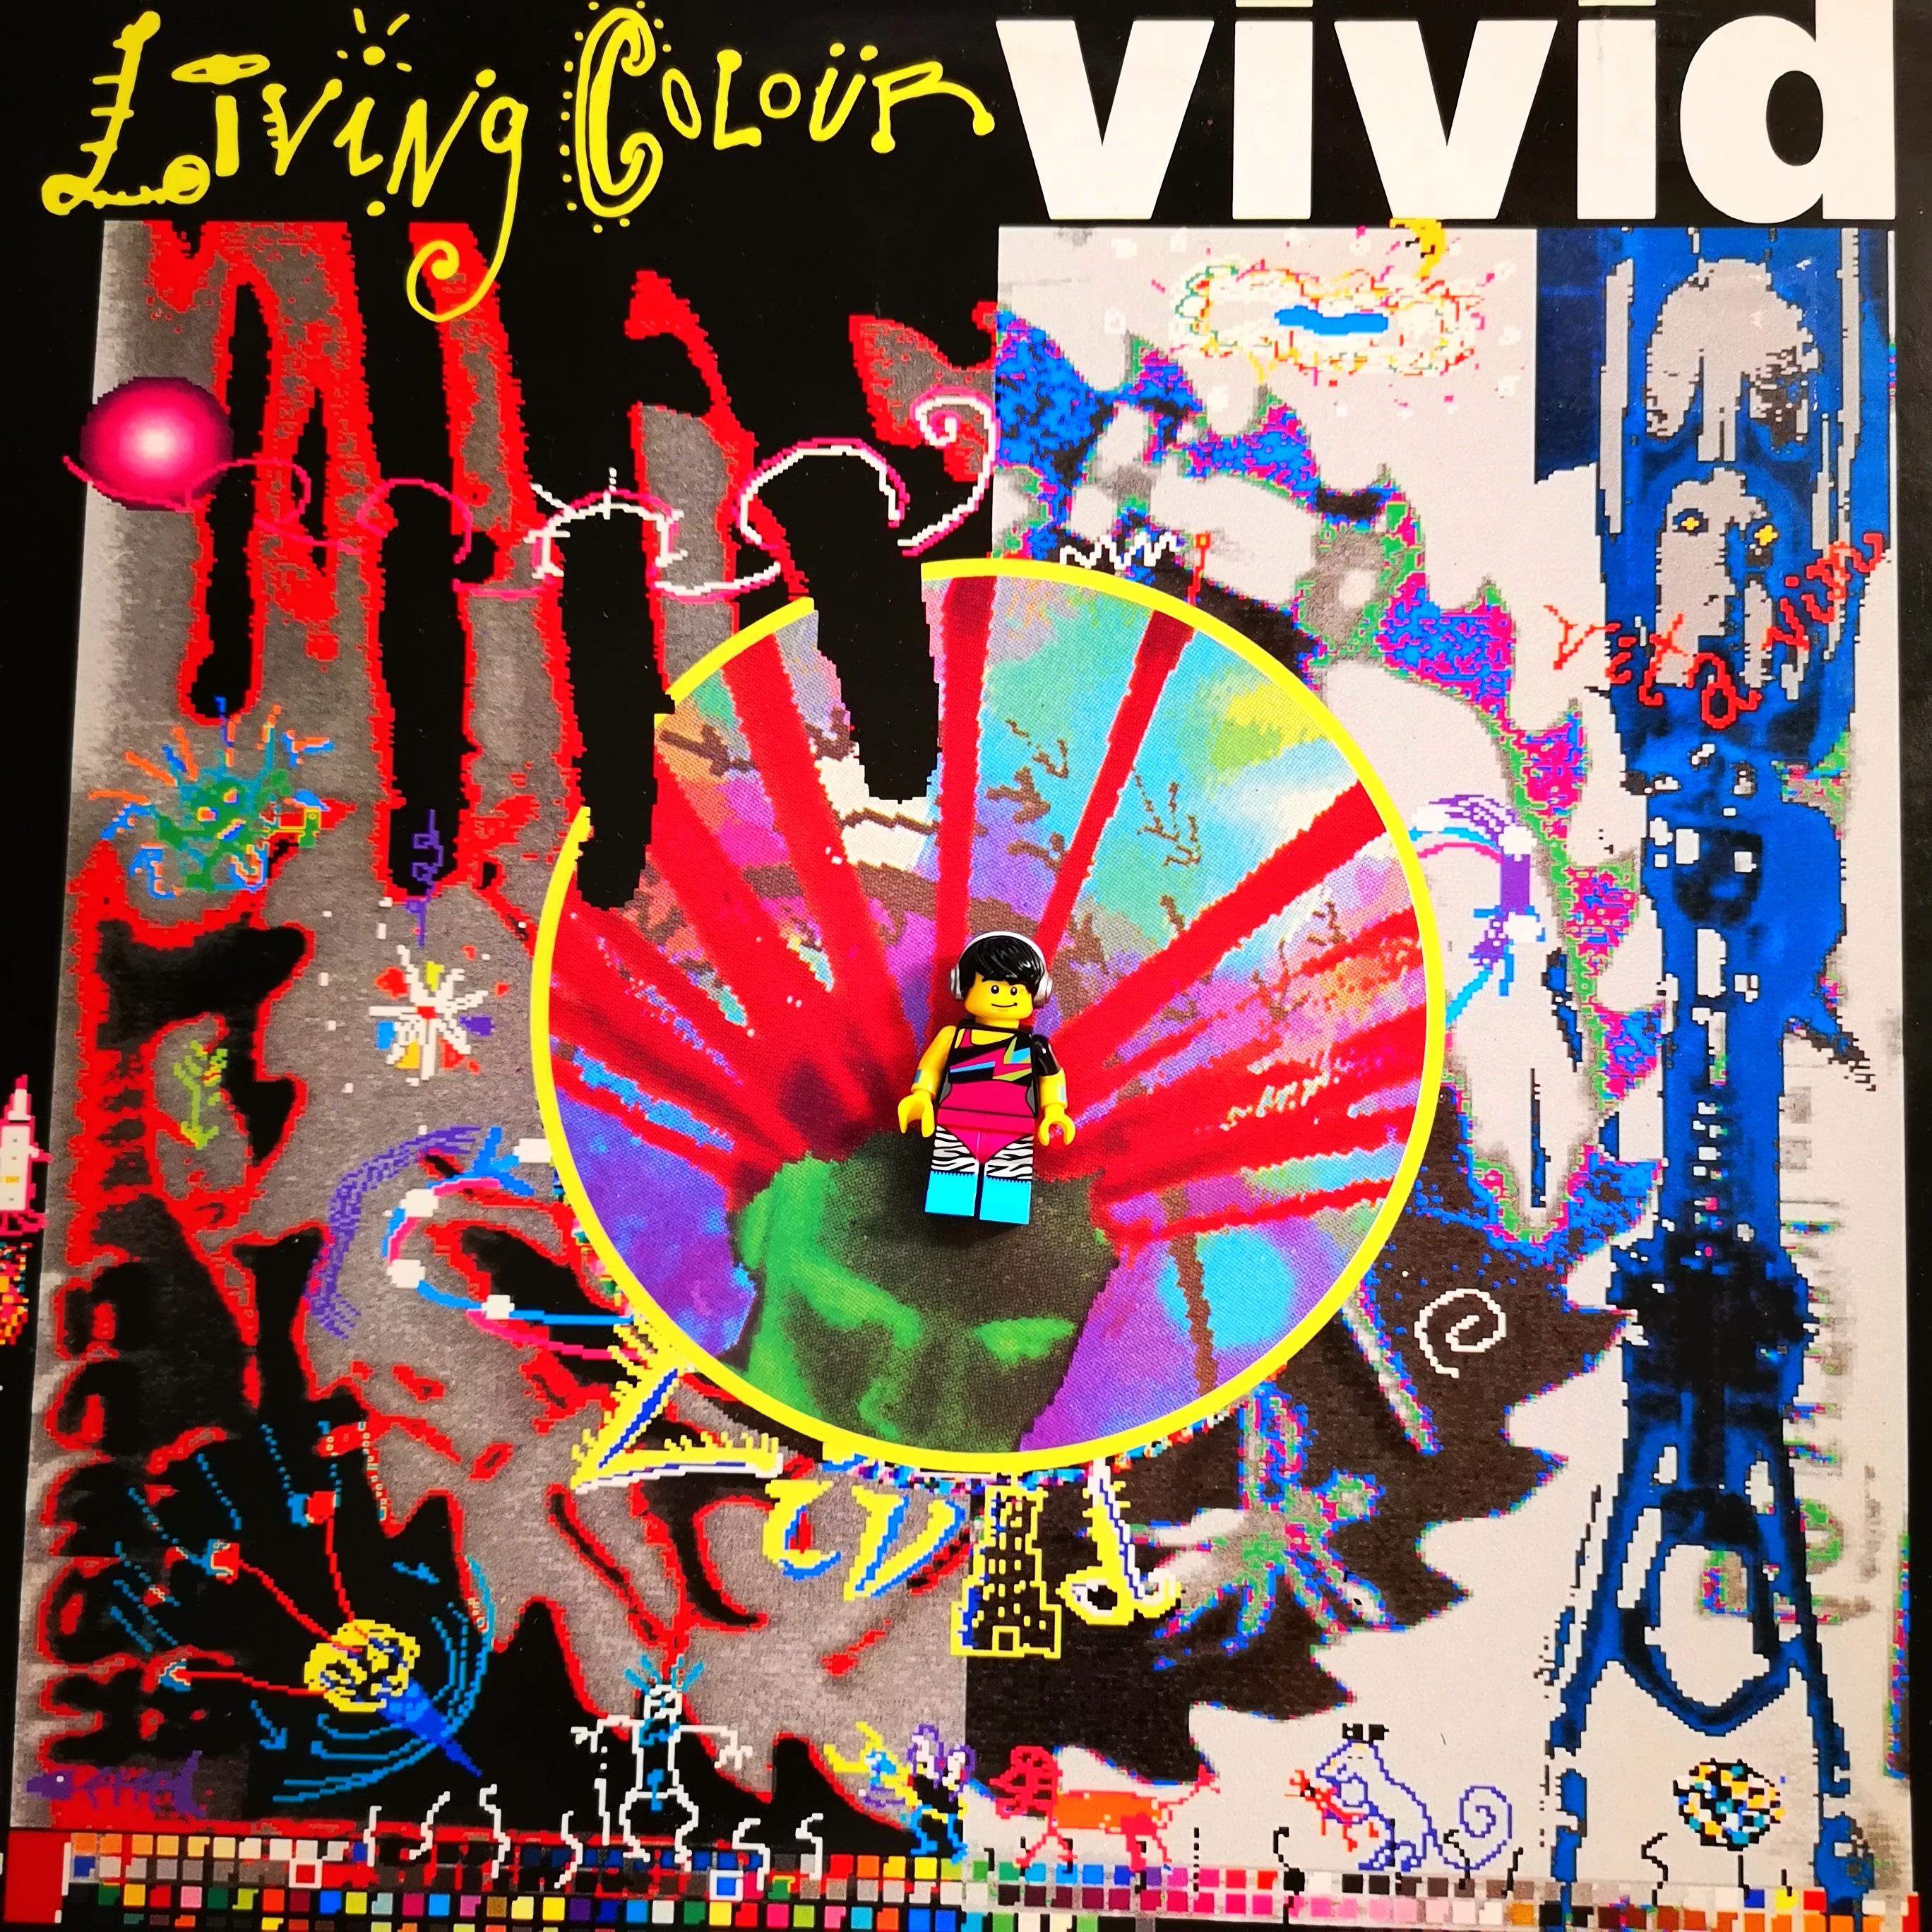 Living Colour Vivid 01jatstoreyLiving Colour Vivid 02Living Colour Vivid 05Living Colour Vivid 07 (2)Living Colour Vivid 08Living Colour Vivid 03 (2)Living Colour Vivid 06